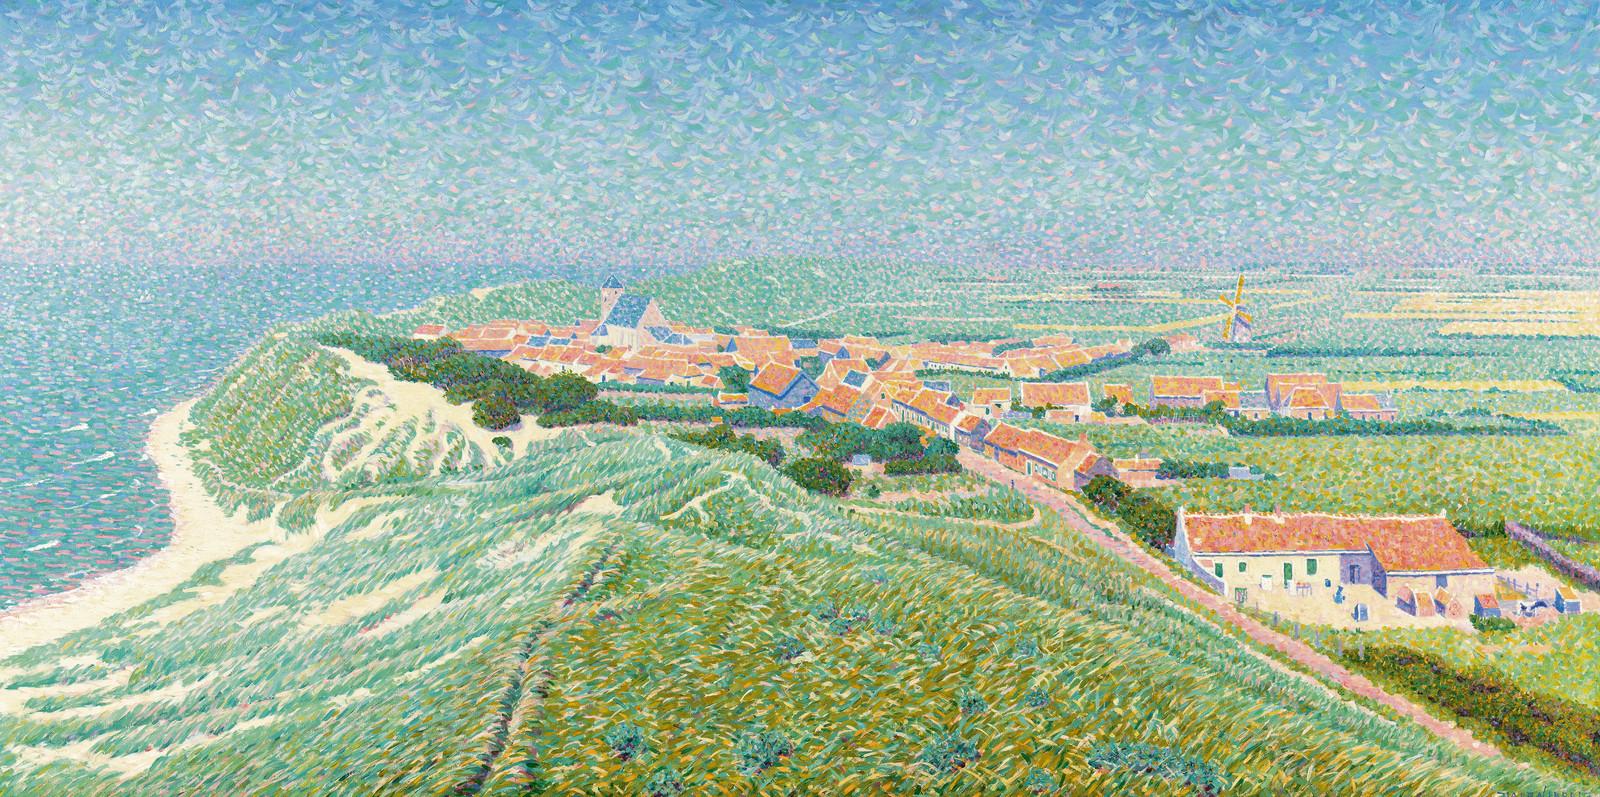 Gezicht op het dorp Zoutelande, Ferdinand Hart Nibbrig, 1900 - 1912 - Rijksmuseum